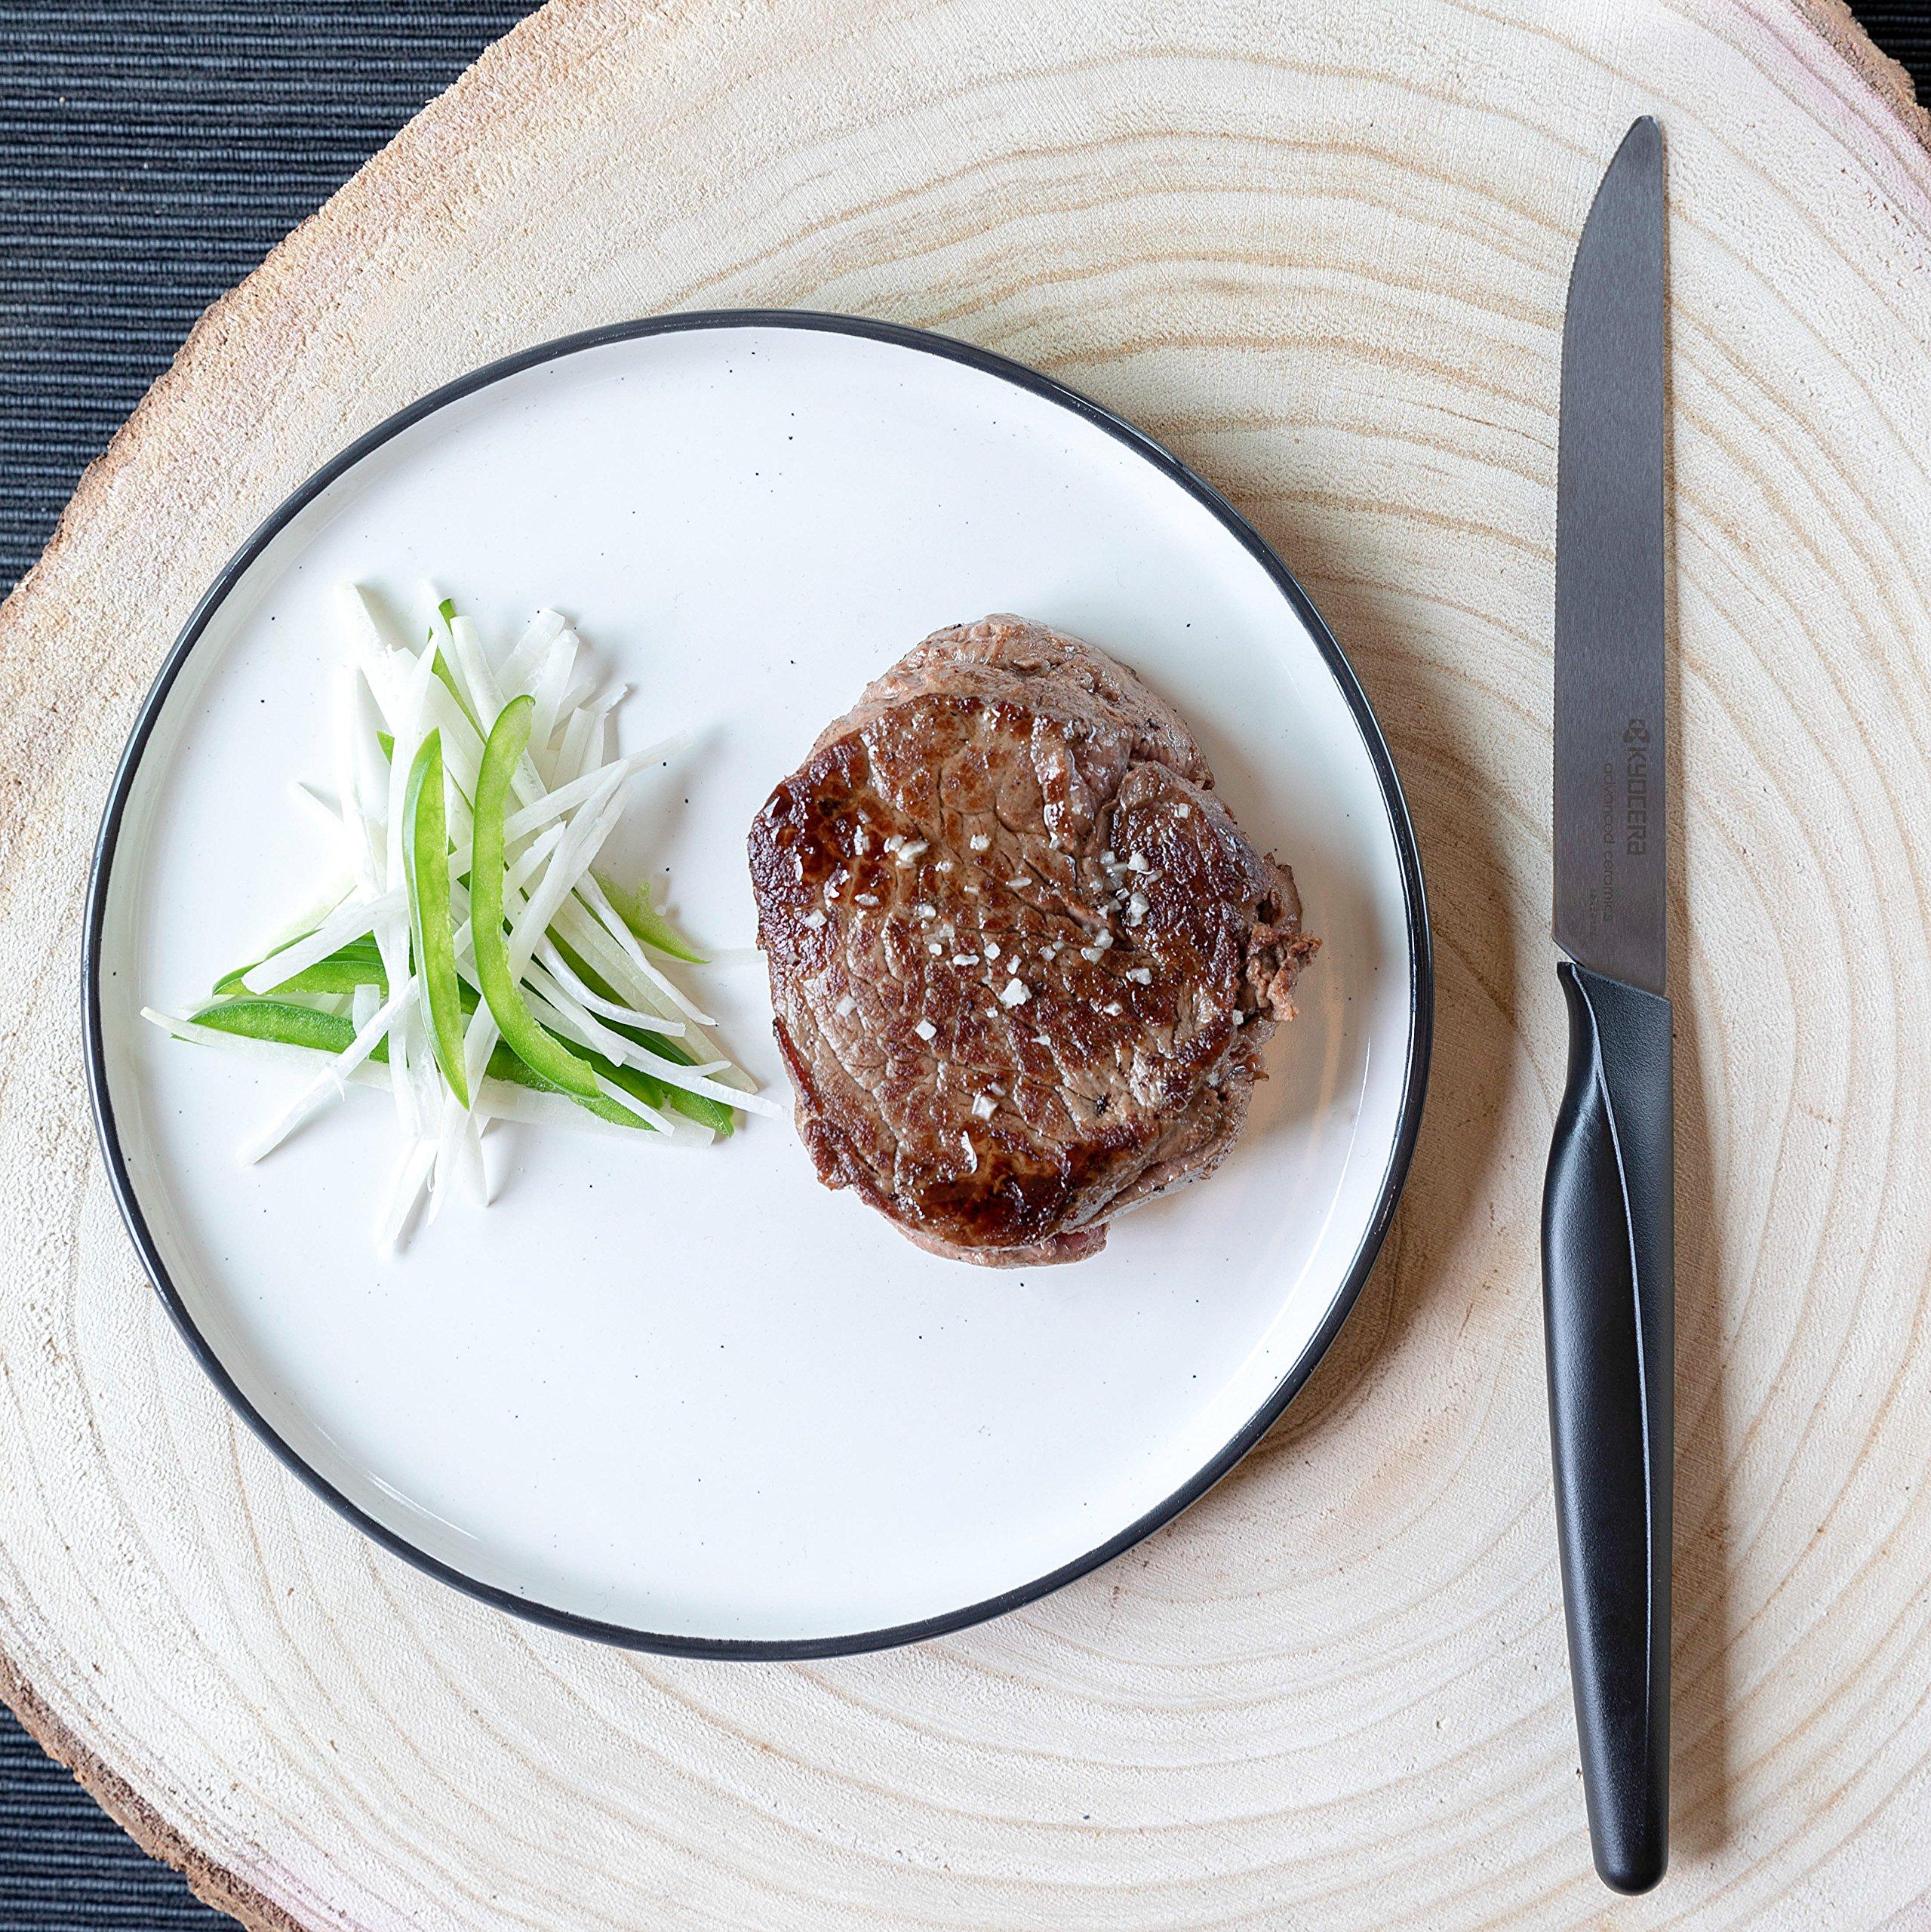 Kyocera SK-4PC Advanced Ceramic Steak Knife Set, One Size, Black/Black by Kyocera (Image #5)